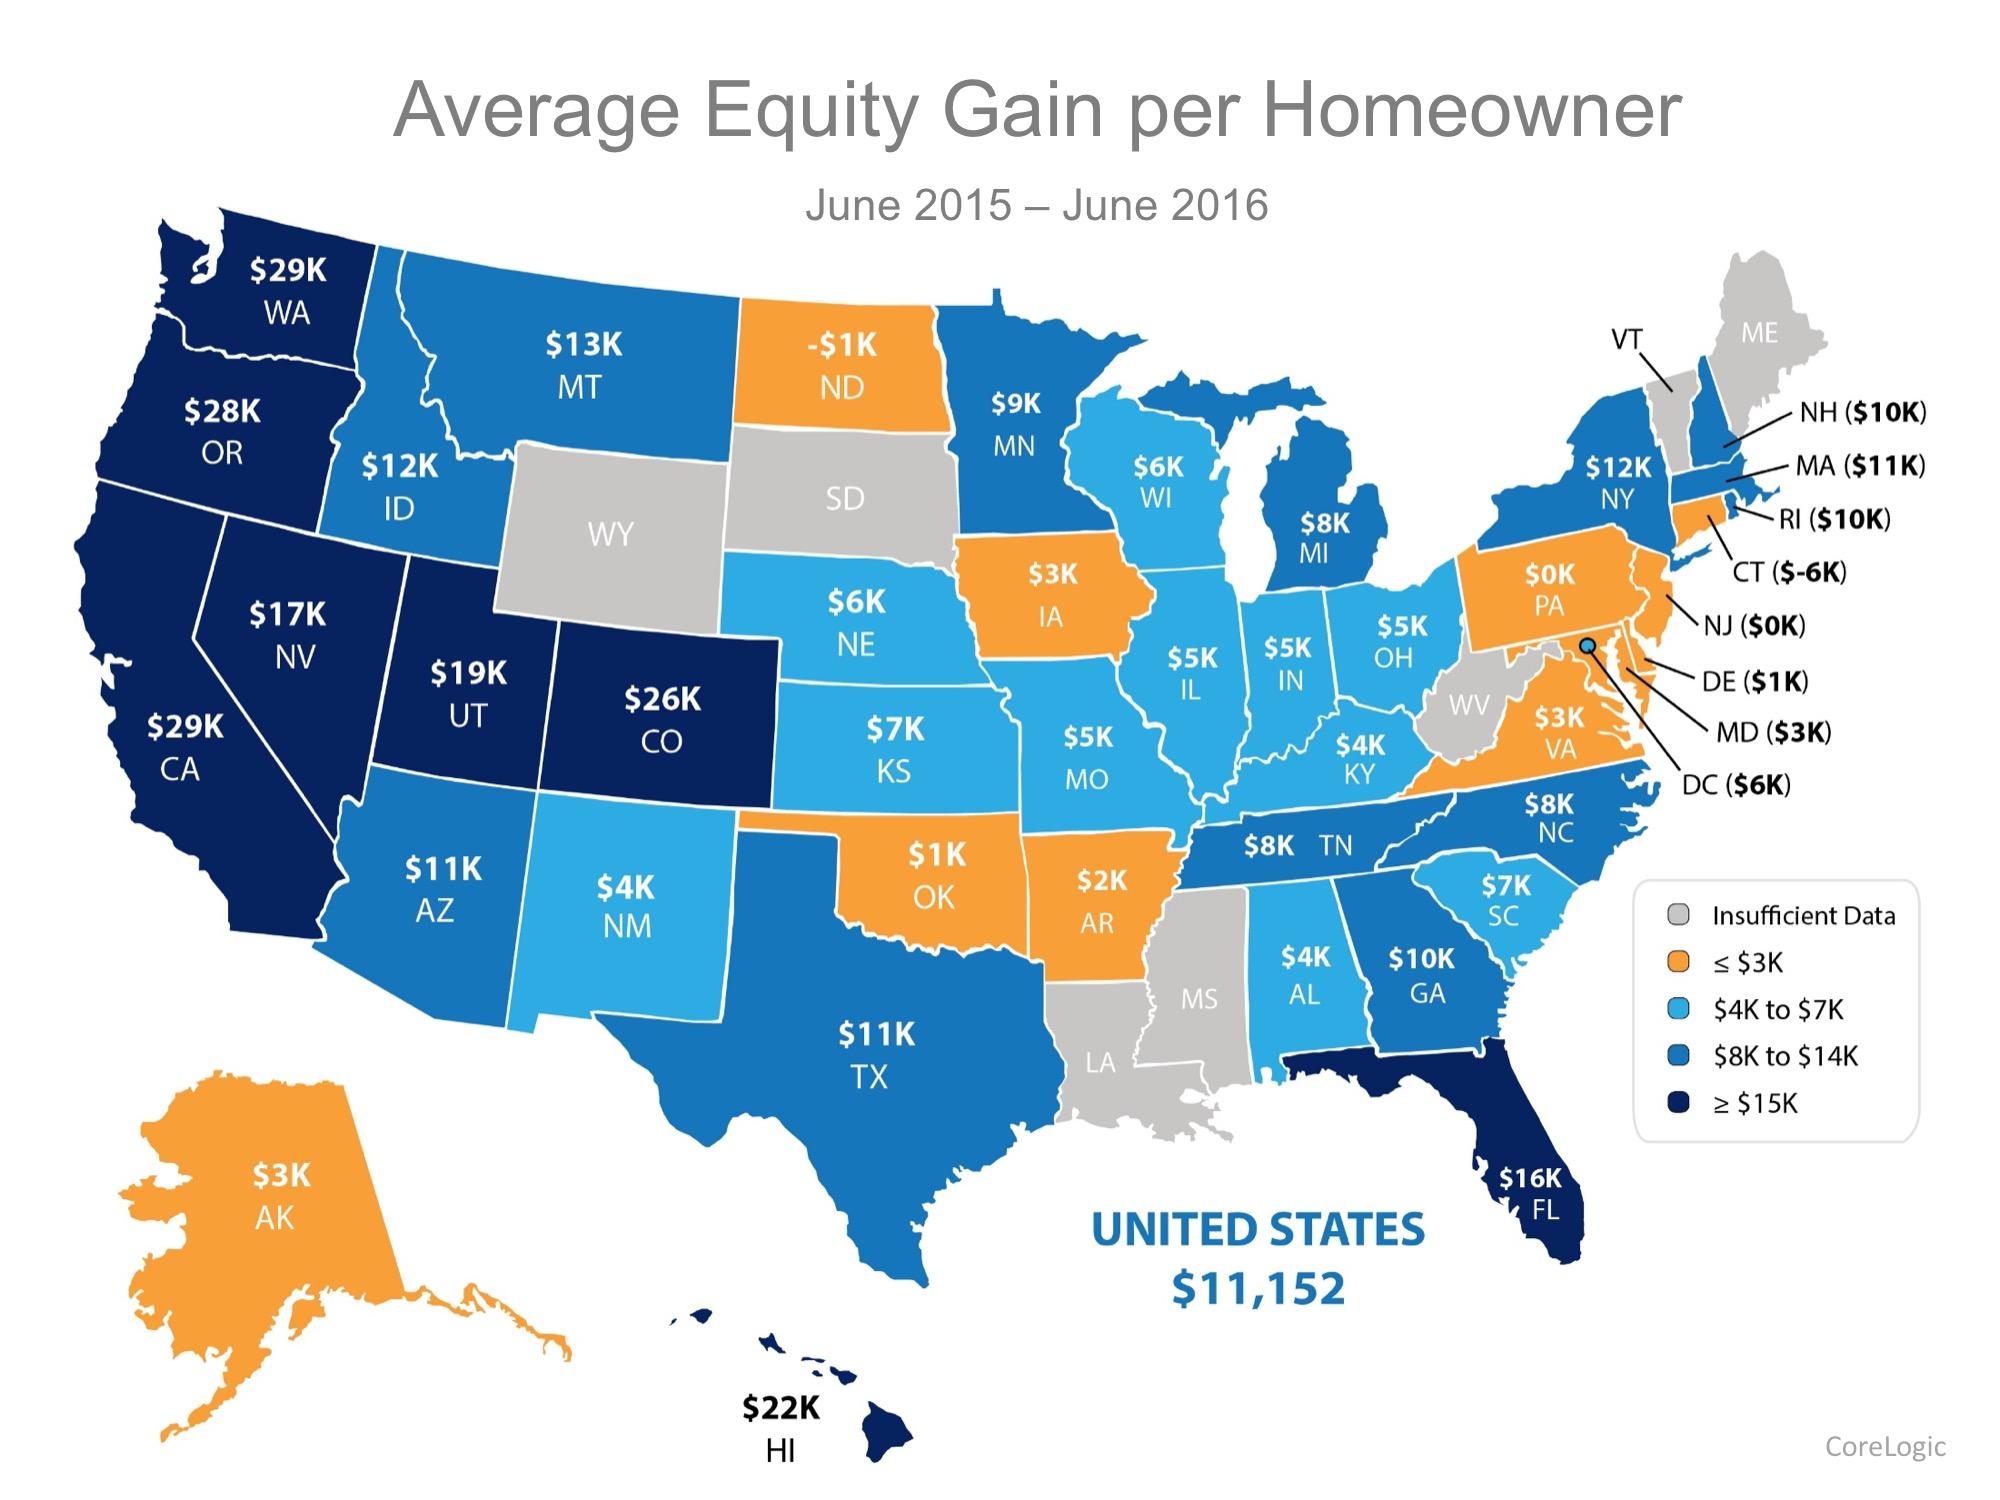 Average Equity Gain Per Homeowner June 2015- June 2016